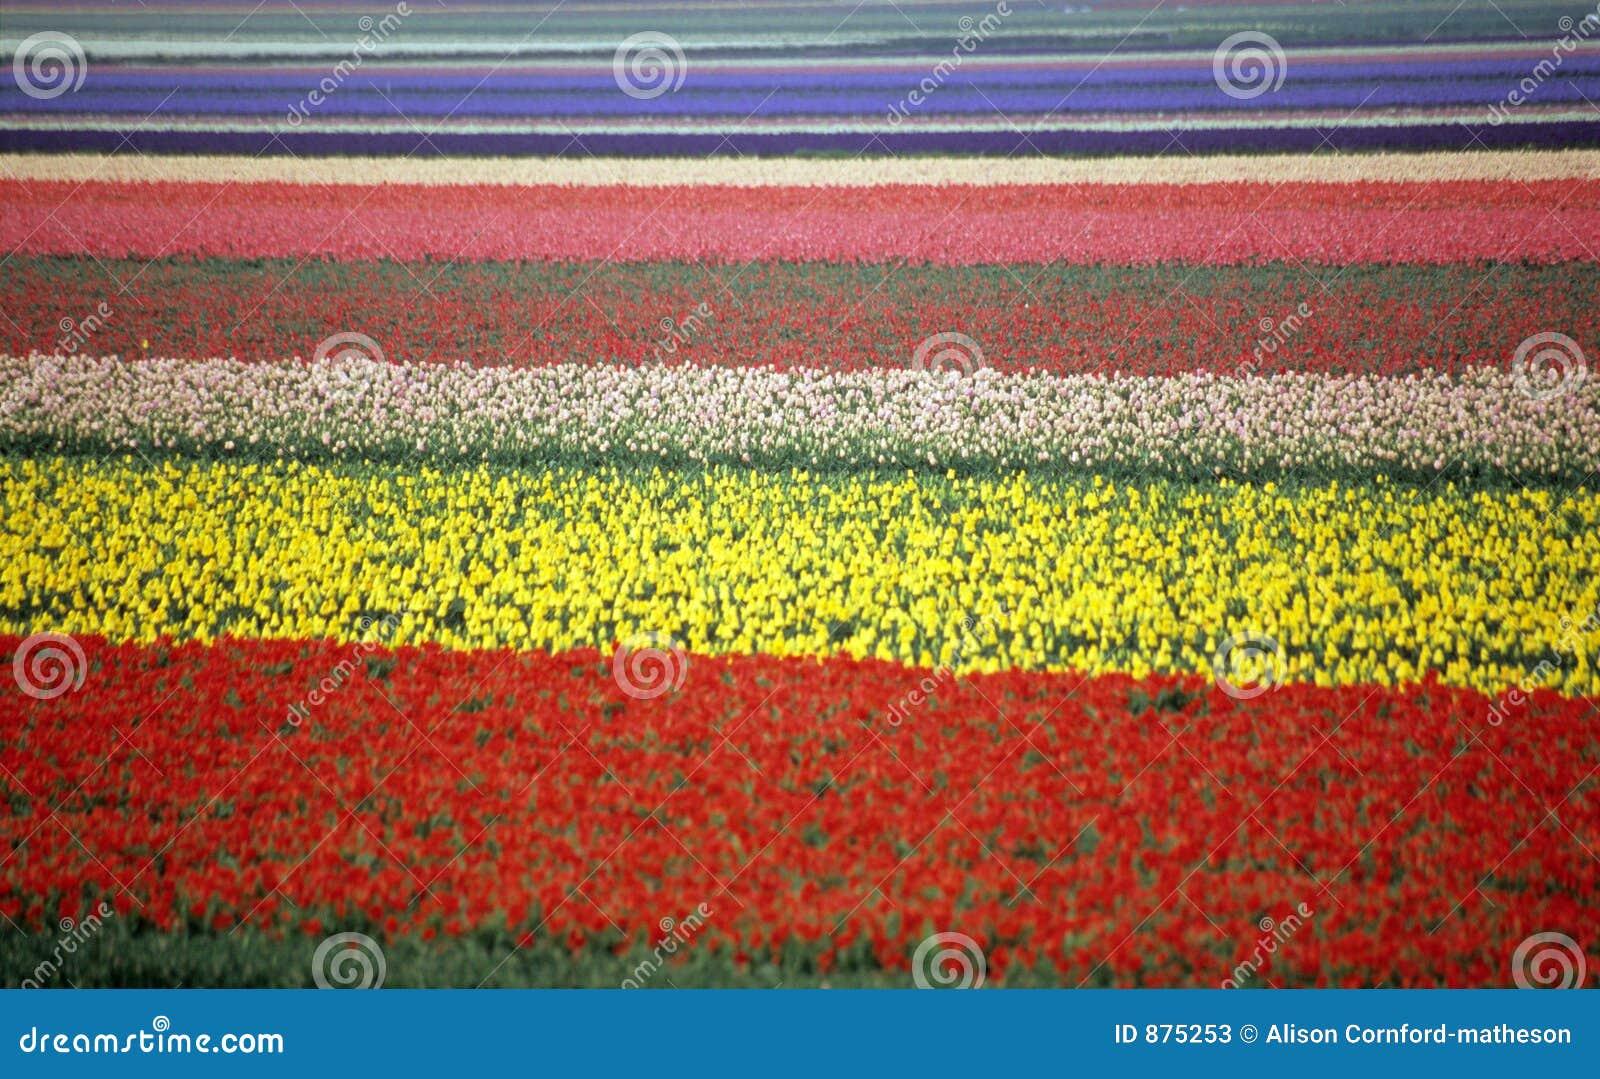 Rainbow Tulip Field